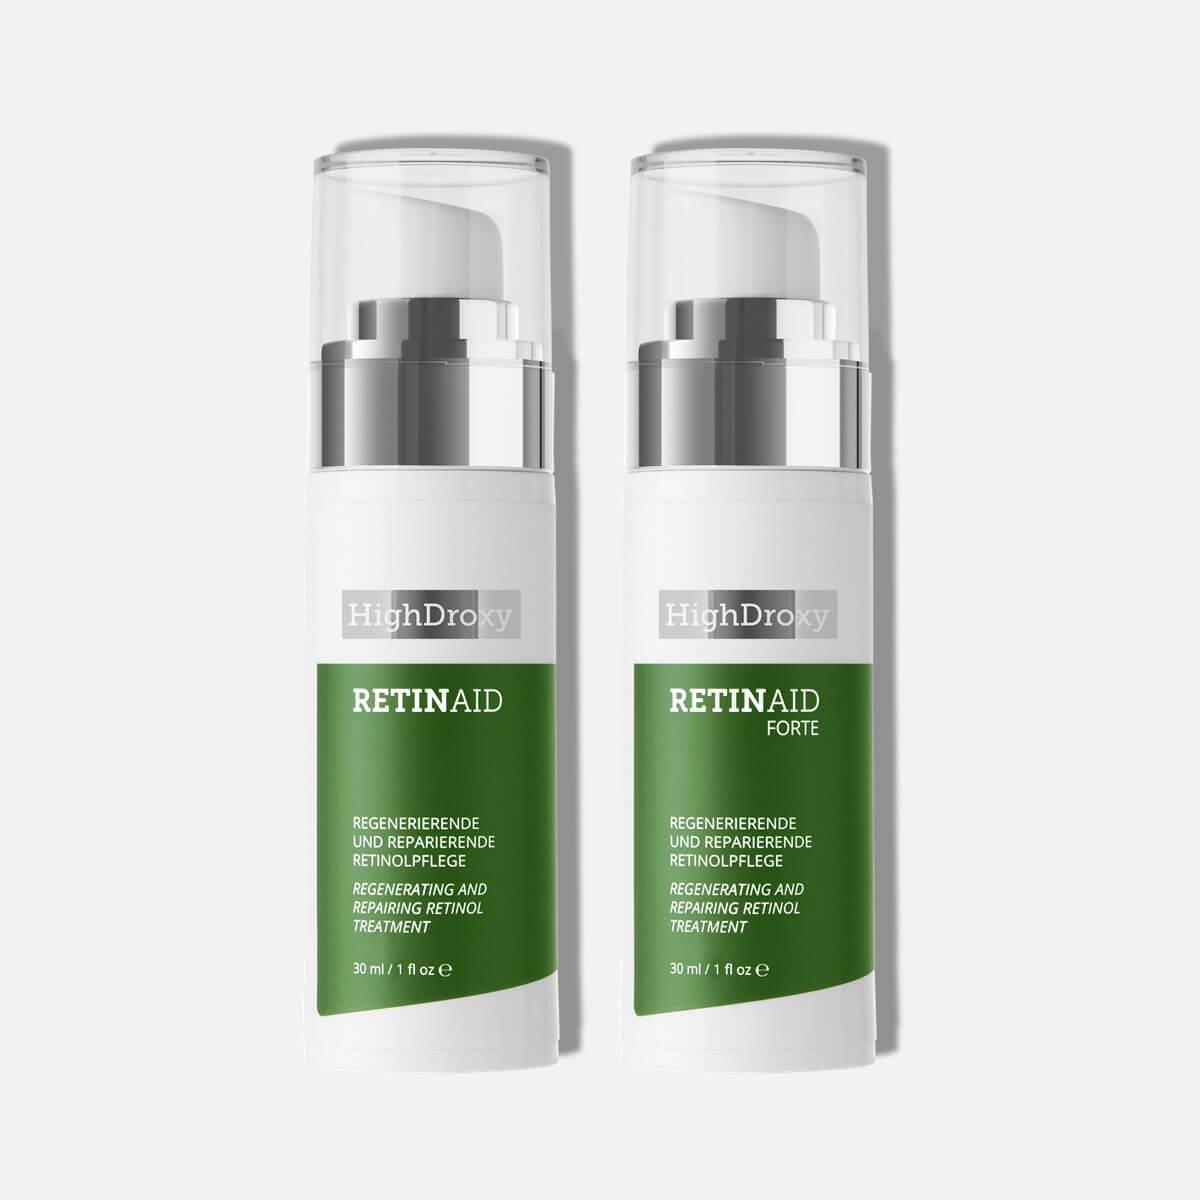 Highdroxy Retinaid und Retinaid Forte als Deluxeprobe Nahaufnahme